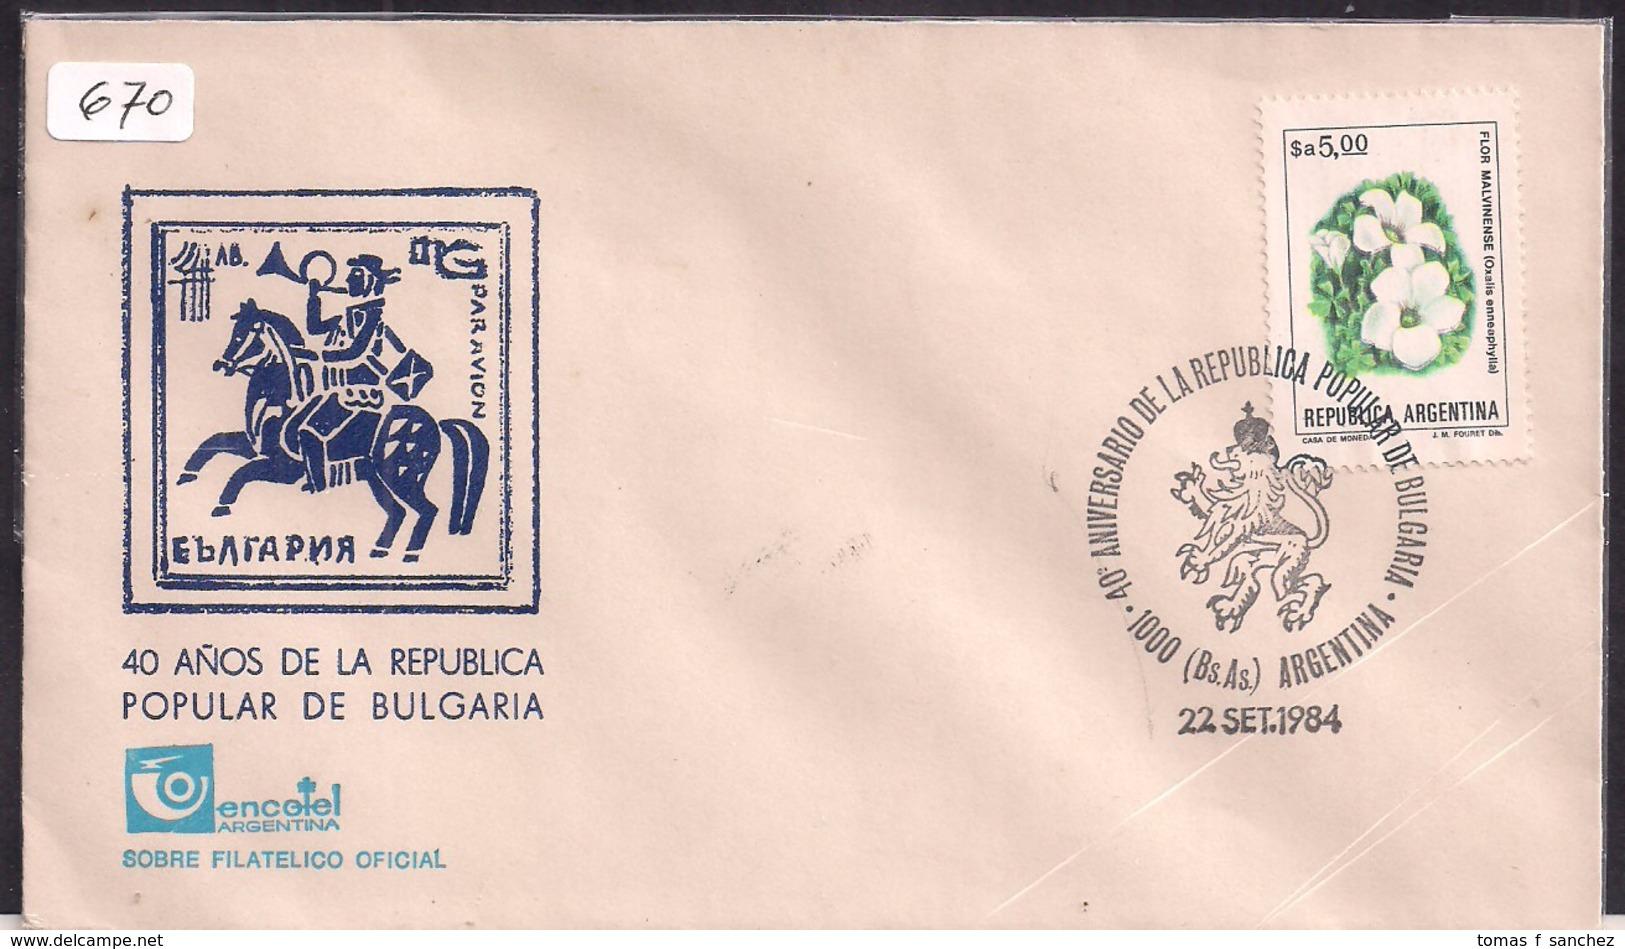 Argentina - 1894 - Lettre - Cachet De La Poste - 40 Ans De La République Populaire De Bulgarie (très Rare) - FDC